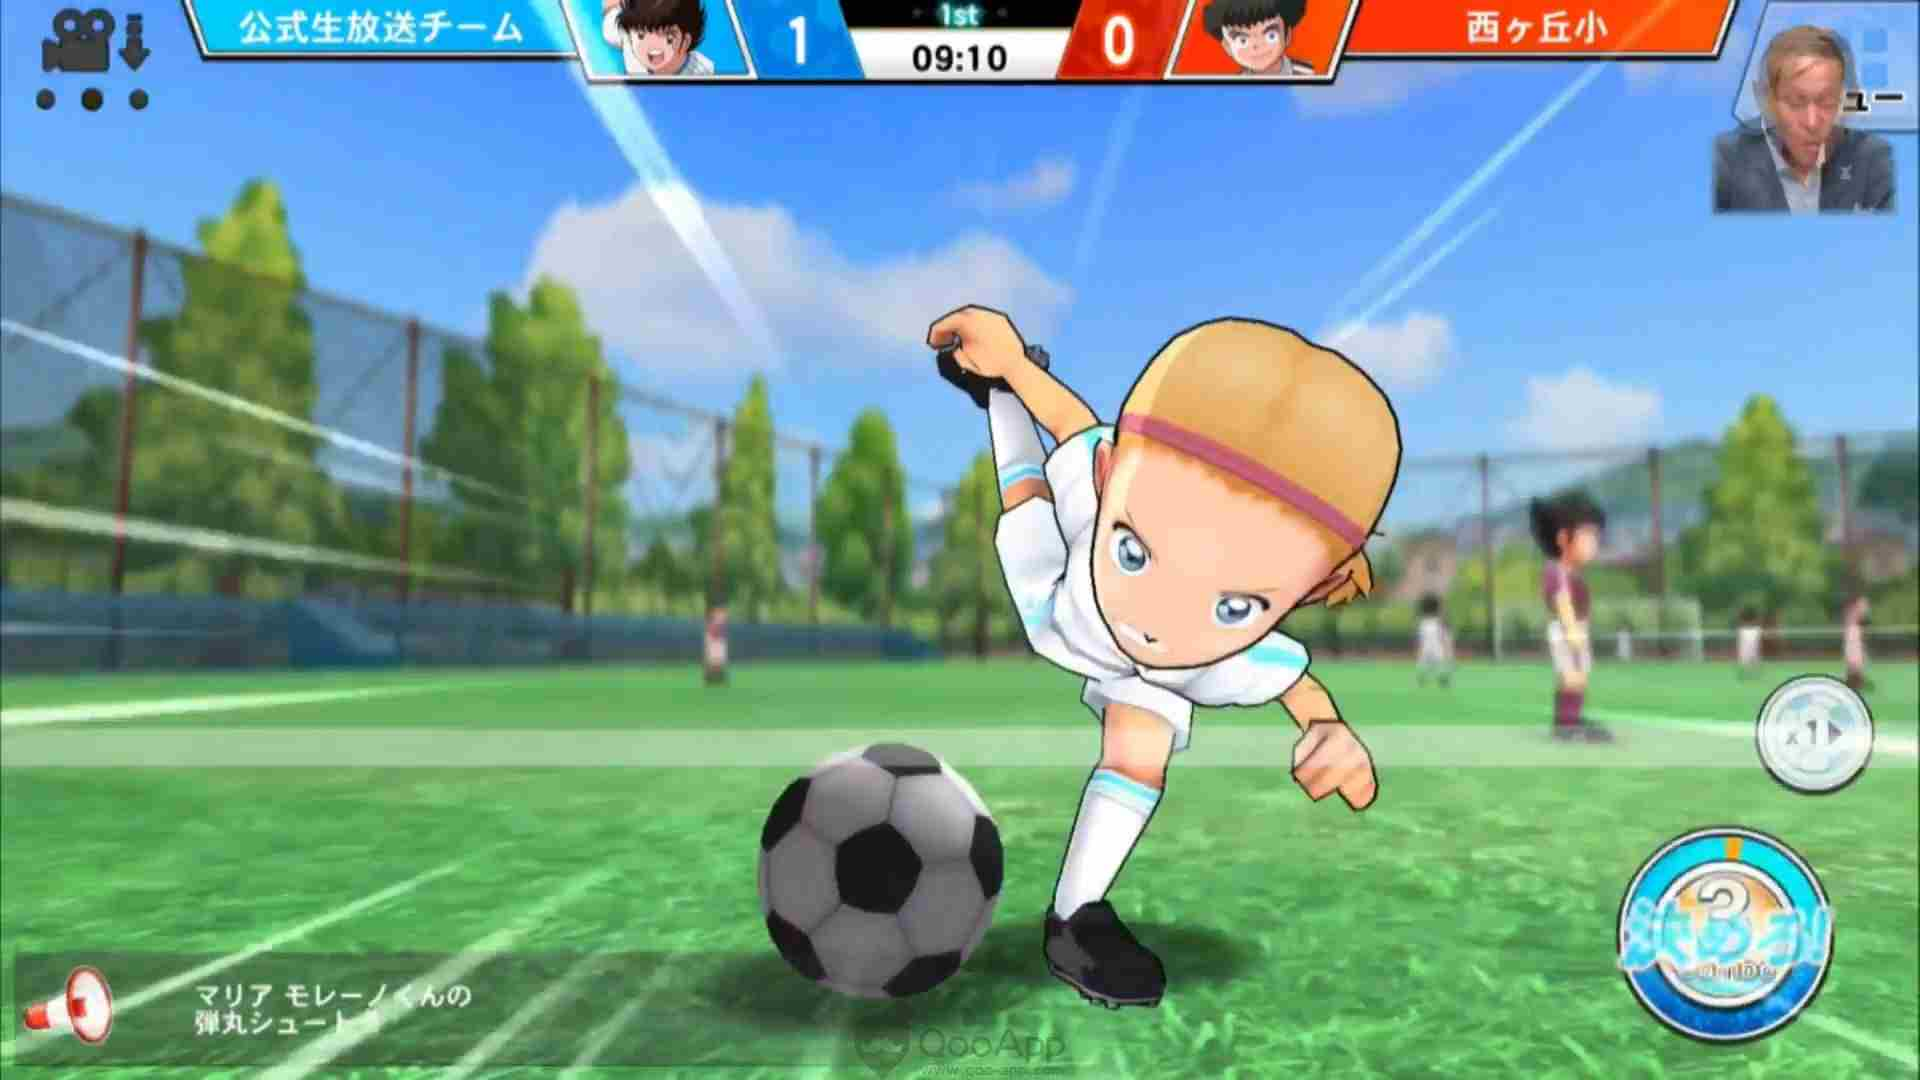 tai game Captain Tsubasa ZERO mod apk